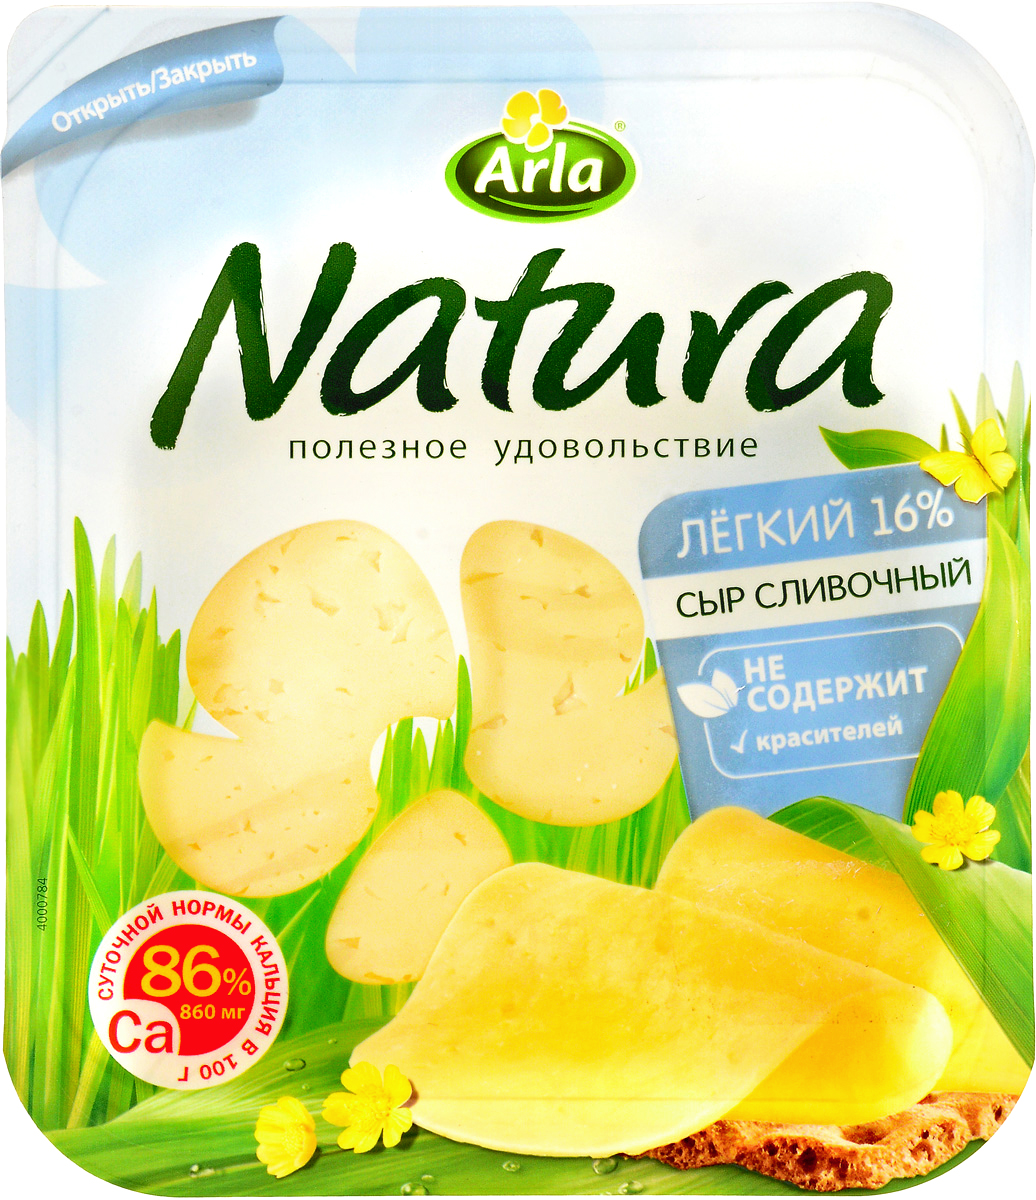 Arla Natura Сыр Cливочный Легкий 30%, нарезка, 150 г